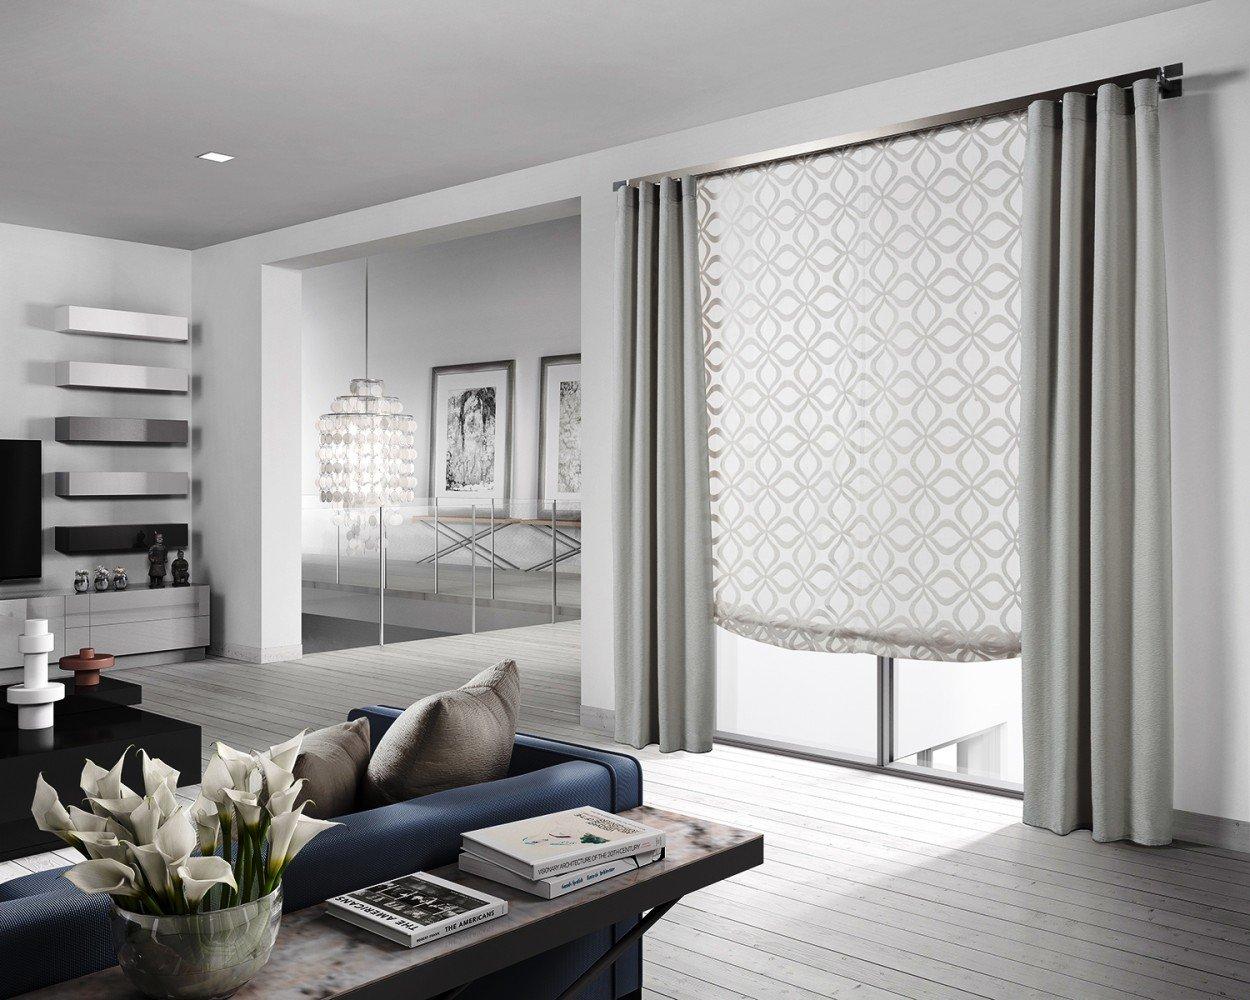 Cortinas cortinas tienda de cortinas modernas panel - Cortinas valencia ...